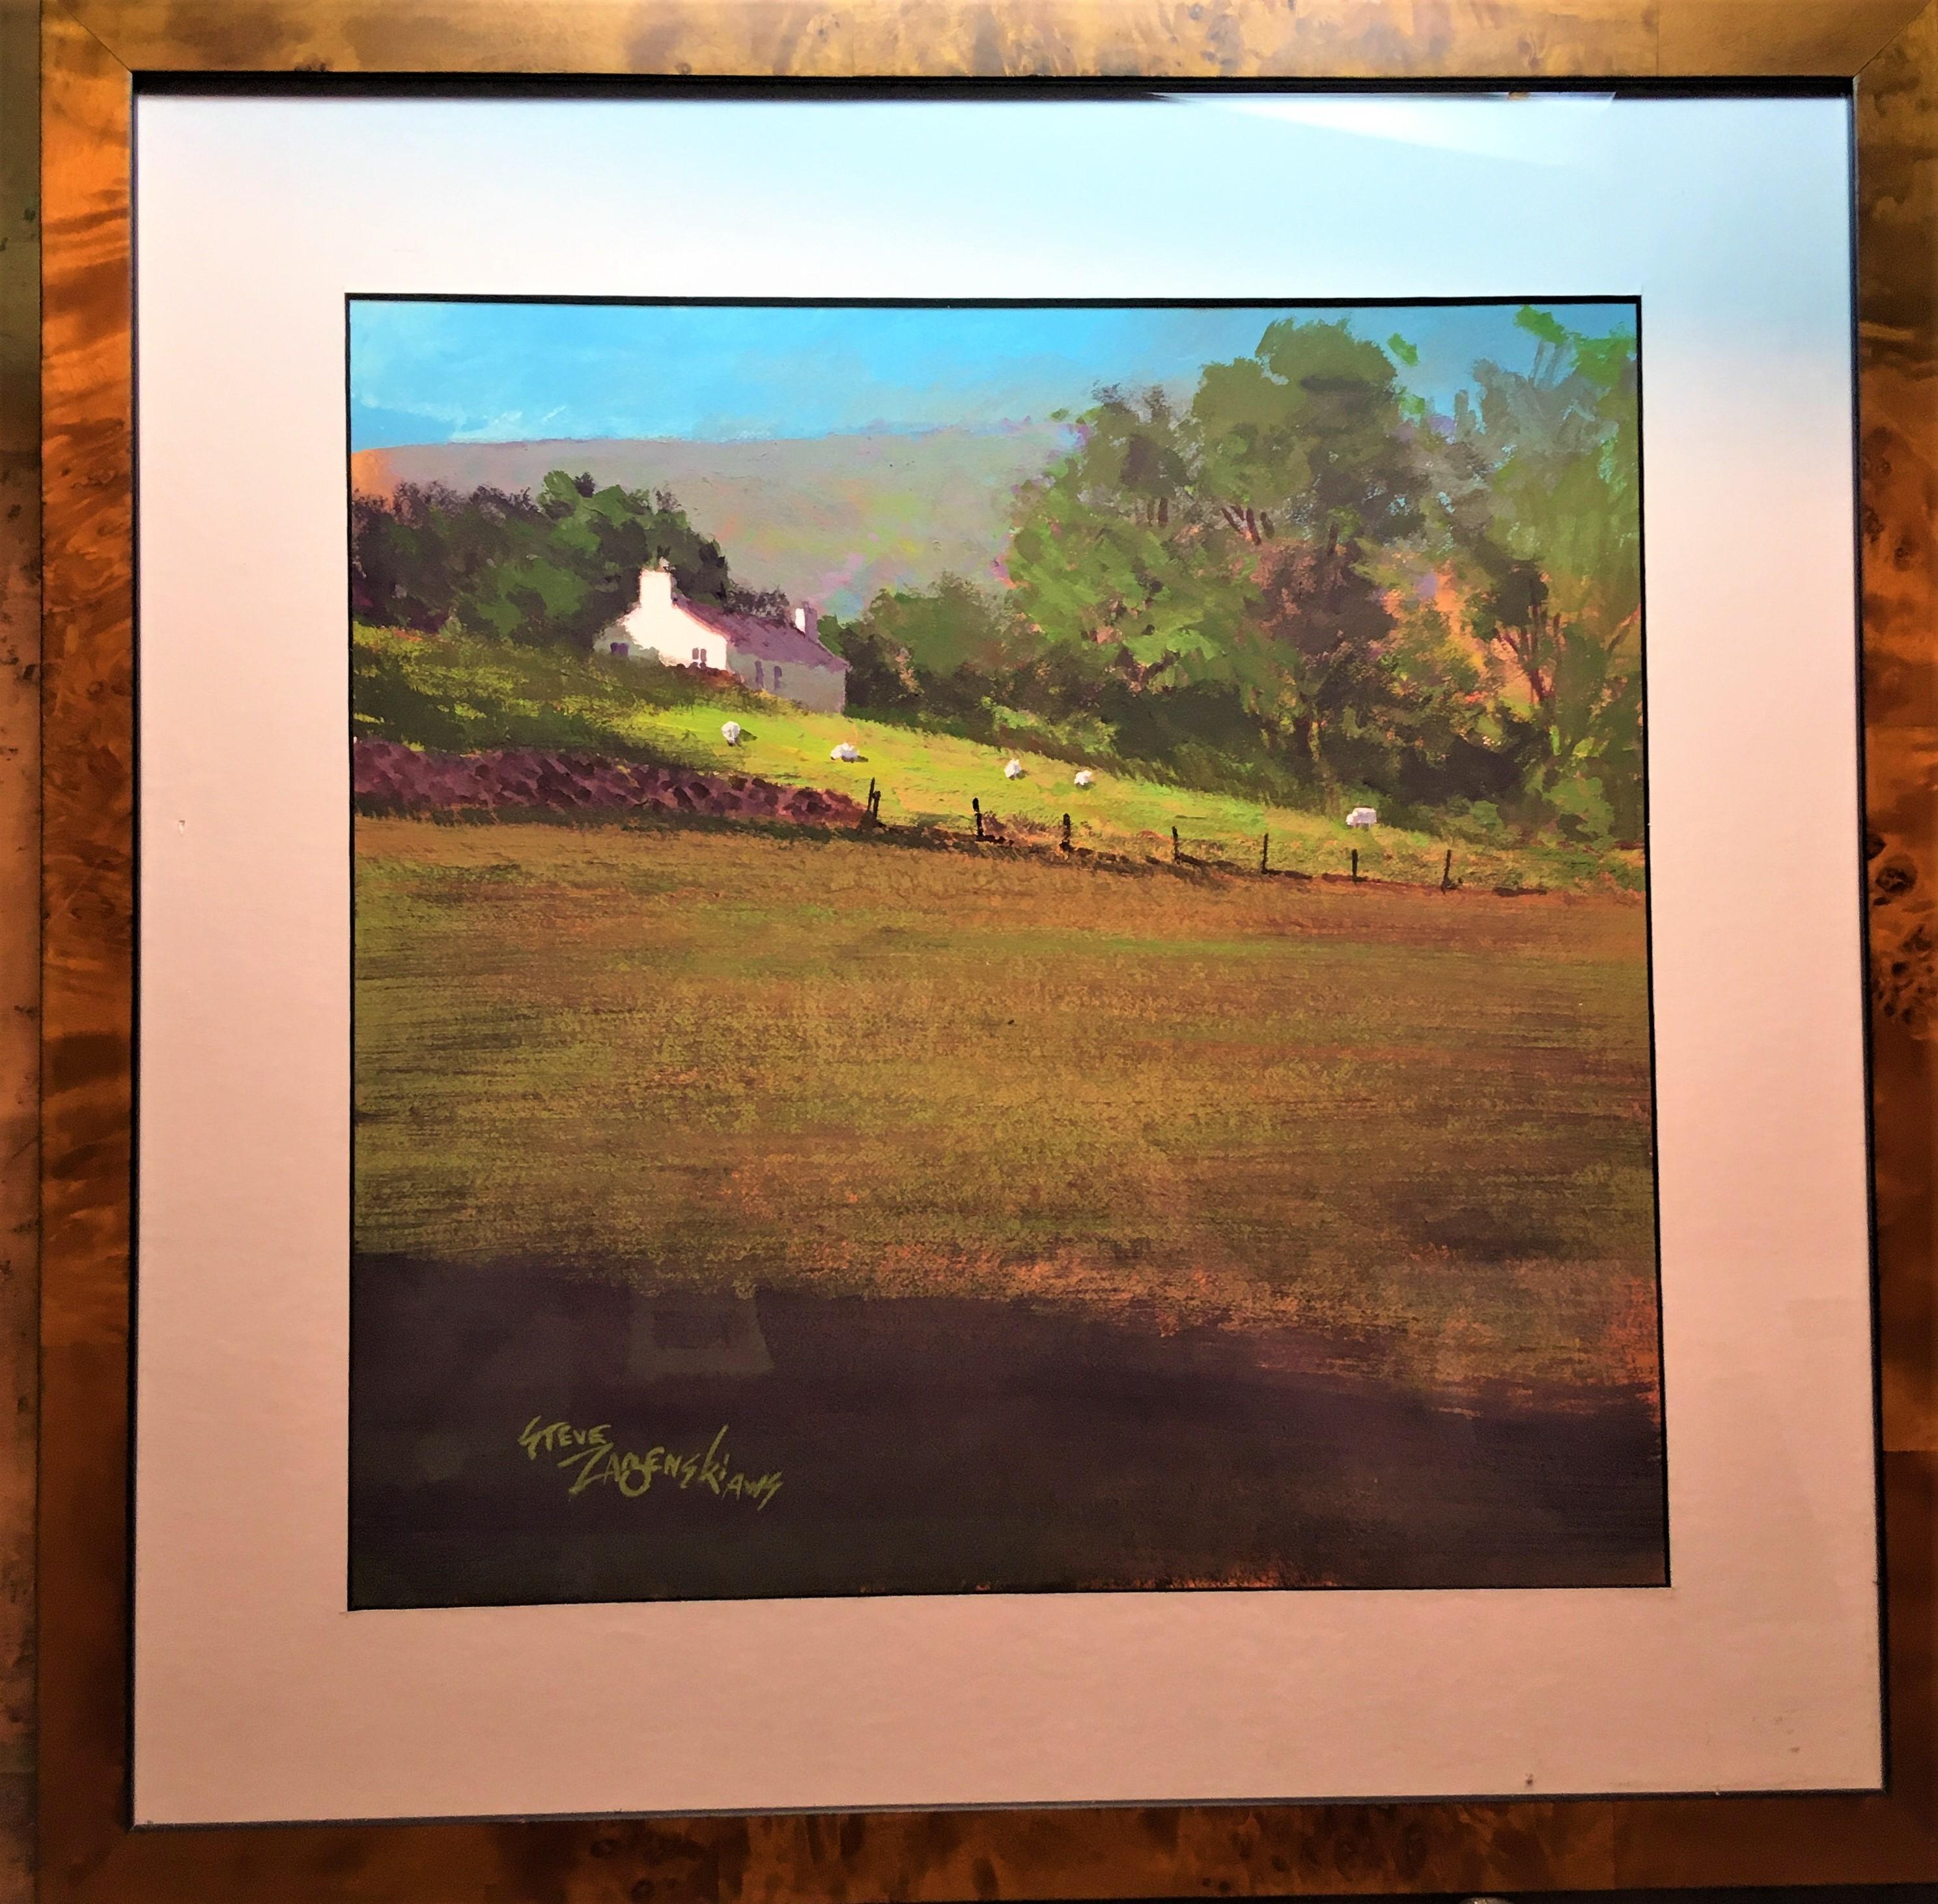 Irish Farm by Steve Zazenski